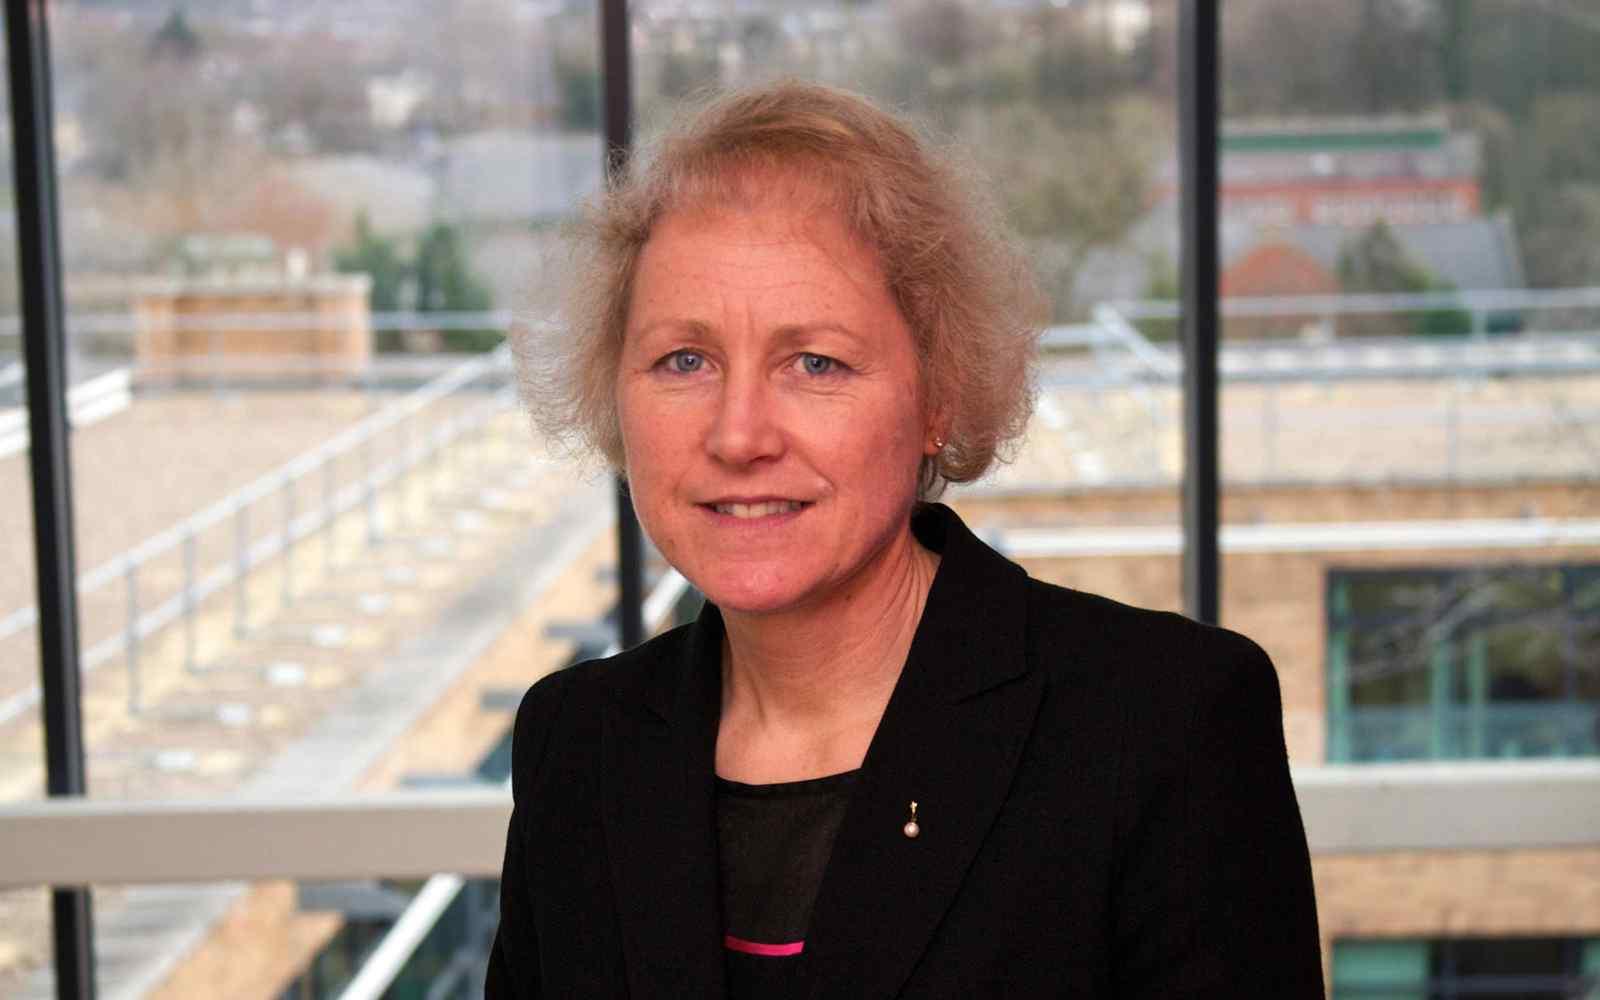 Vice Chancellor Karen Bryan